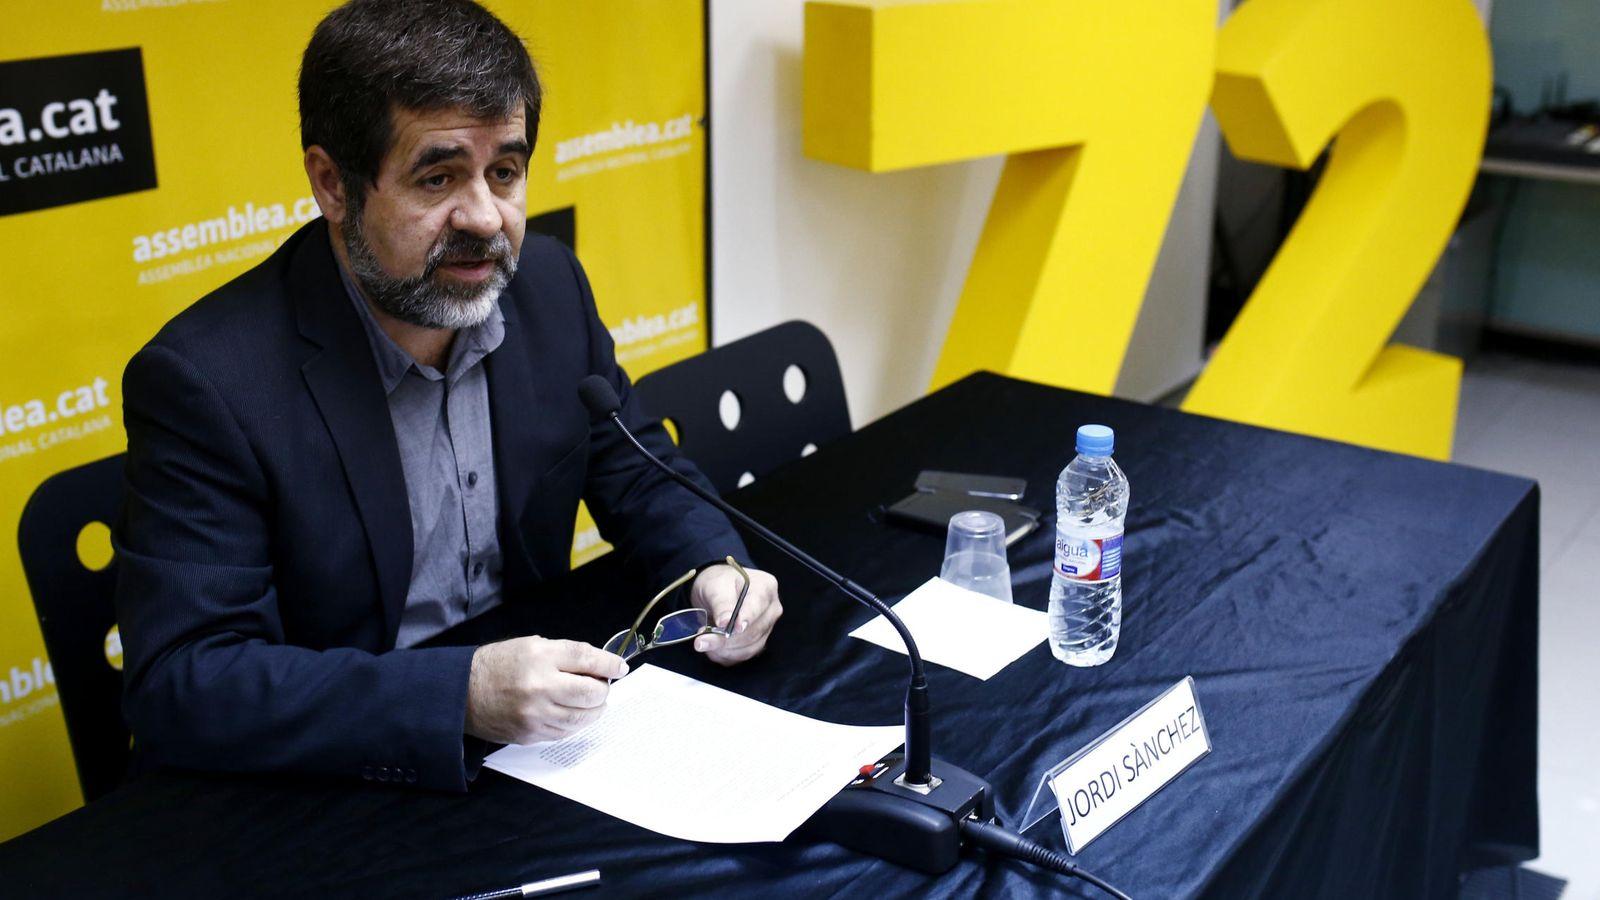 Foto: El presidente de la Assemblea Nacional de Catalunya (ANC), Jordi Sánchez. (EFE)